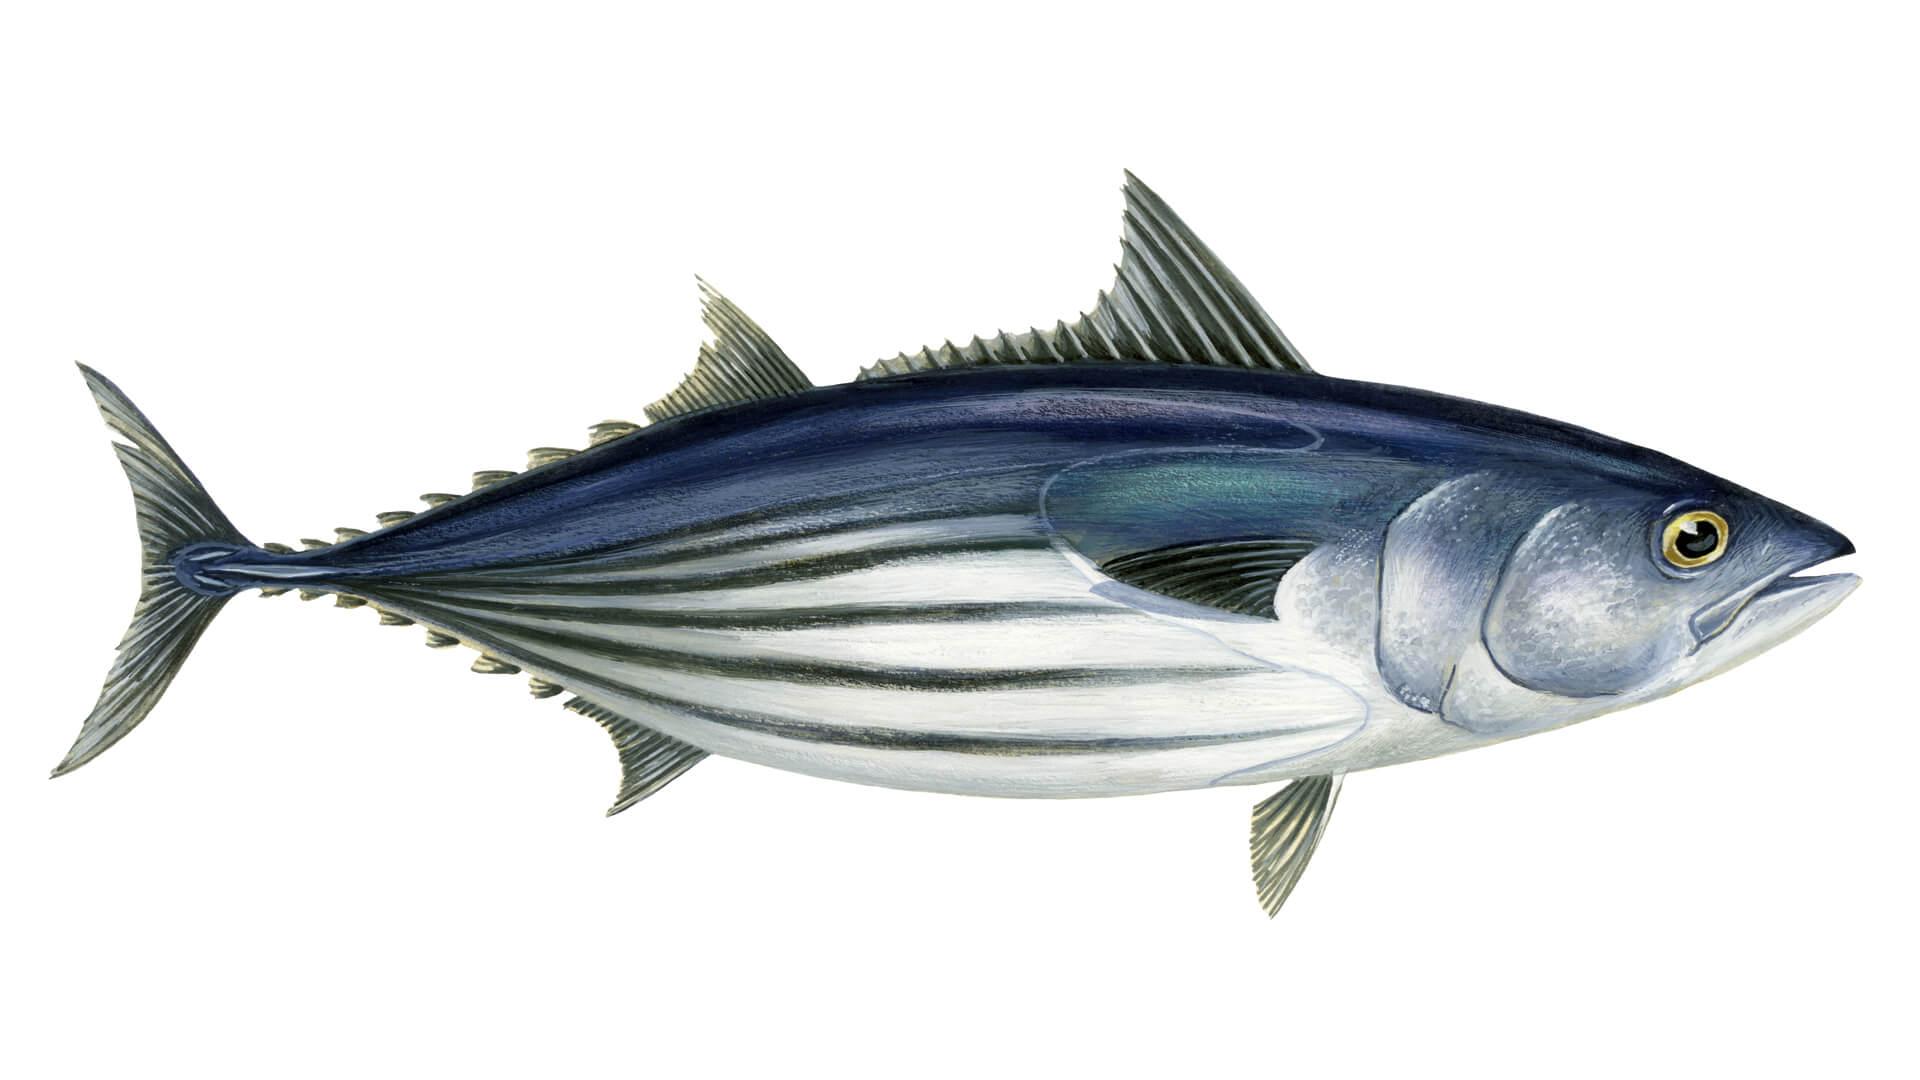 Illustration of Katsuwonus Pelamis - skipjack tuna